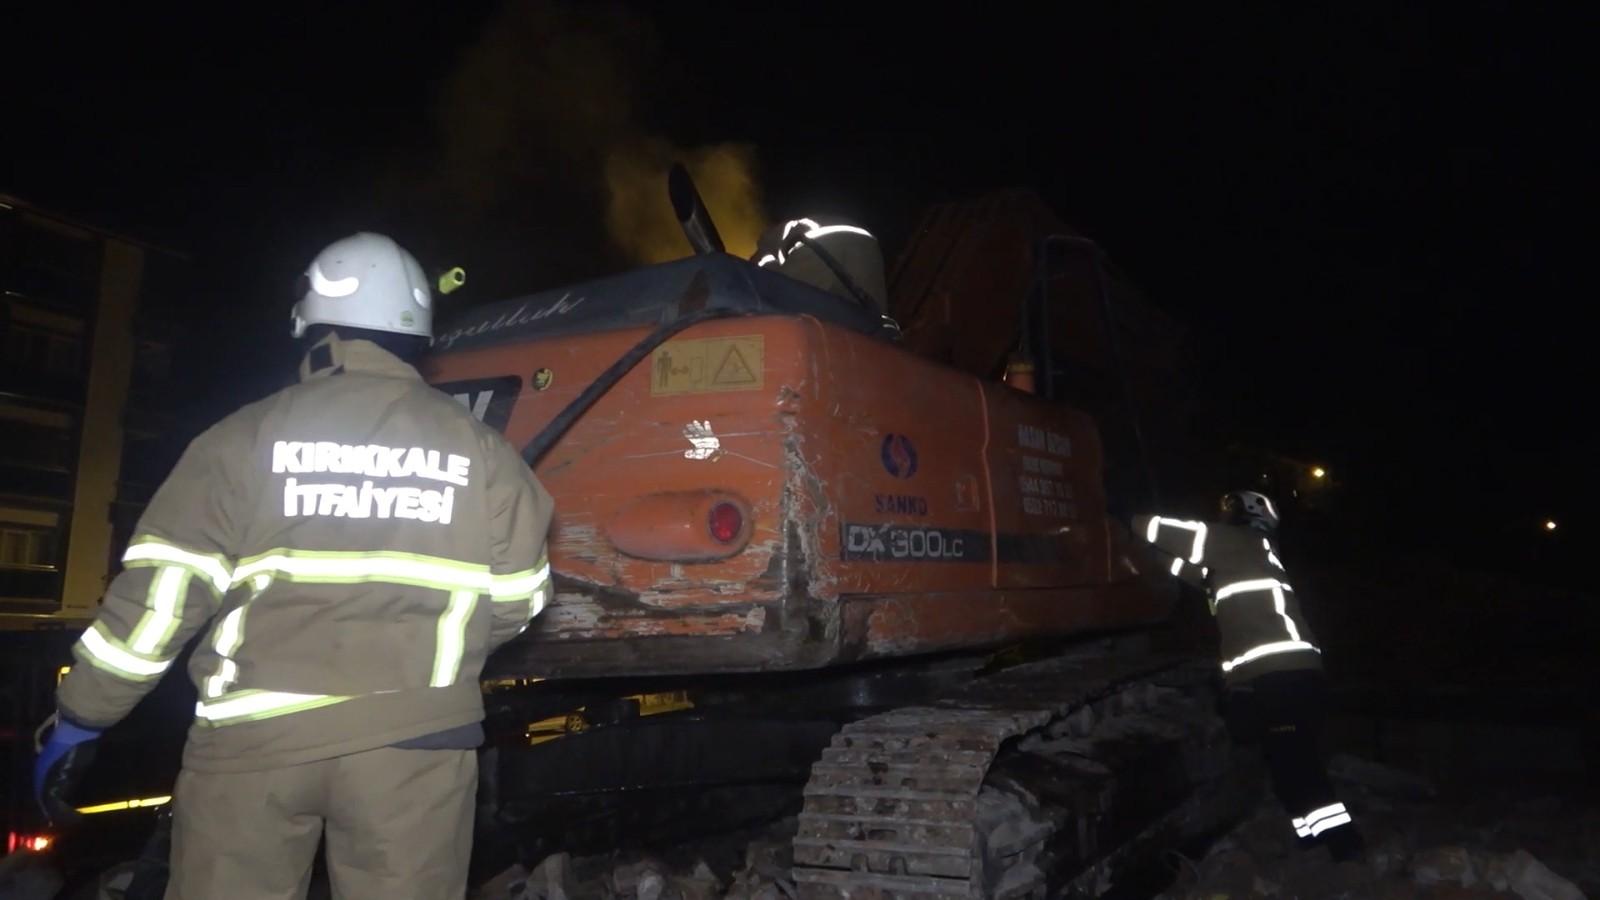 İş makinesinde çıkan yangın, itfaiye ekiplerince söndürüldü